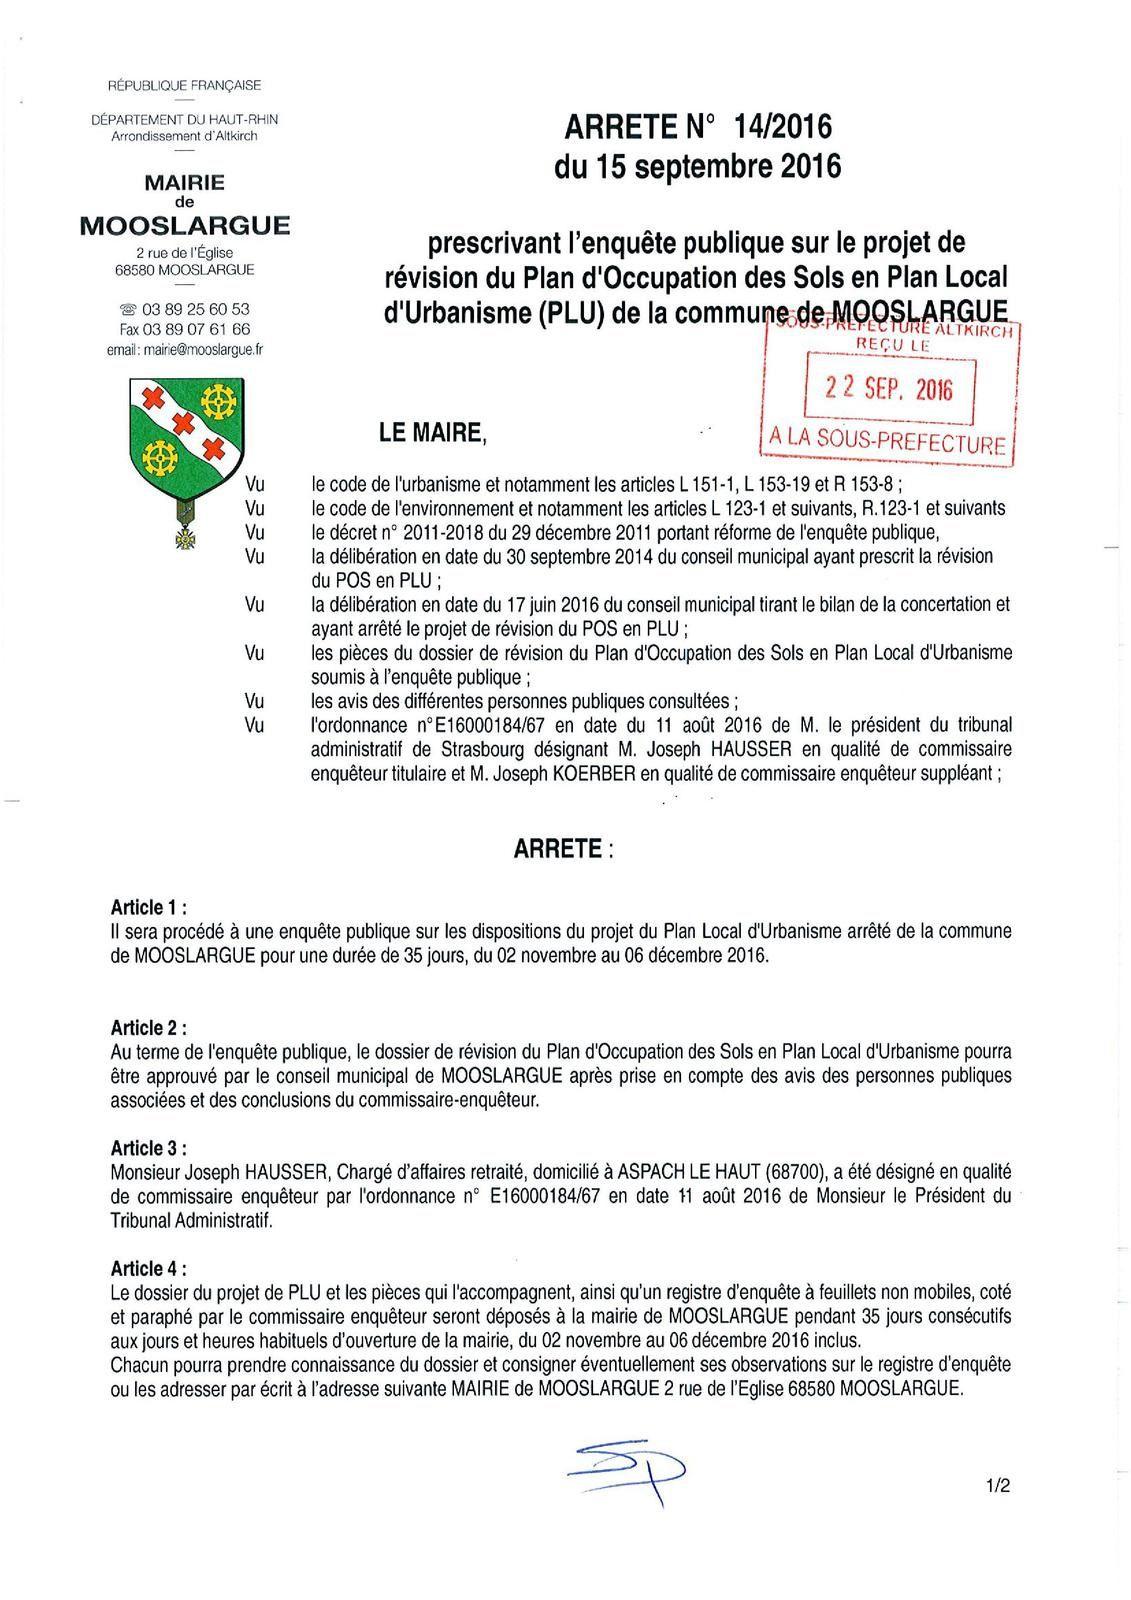 Arrêté prescrivant l'enquête publique sur le projet de révision du POS en PLU